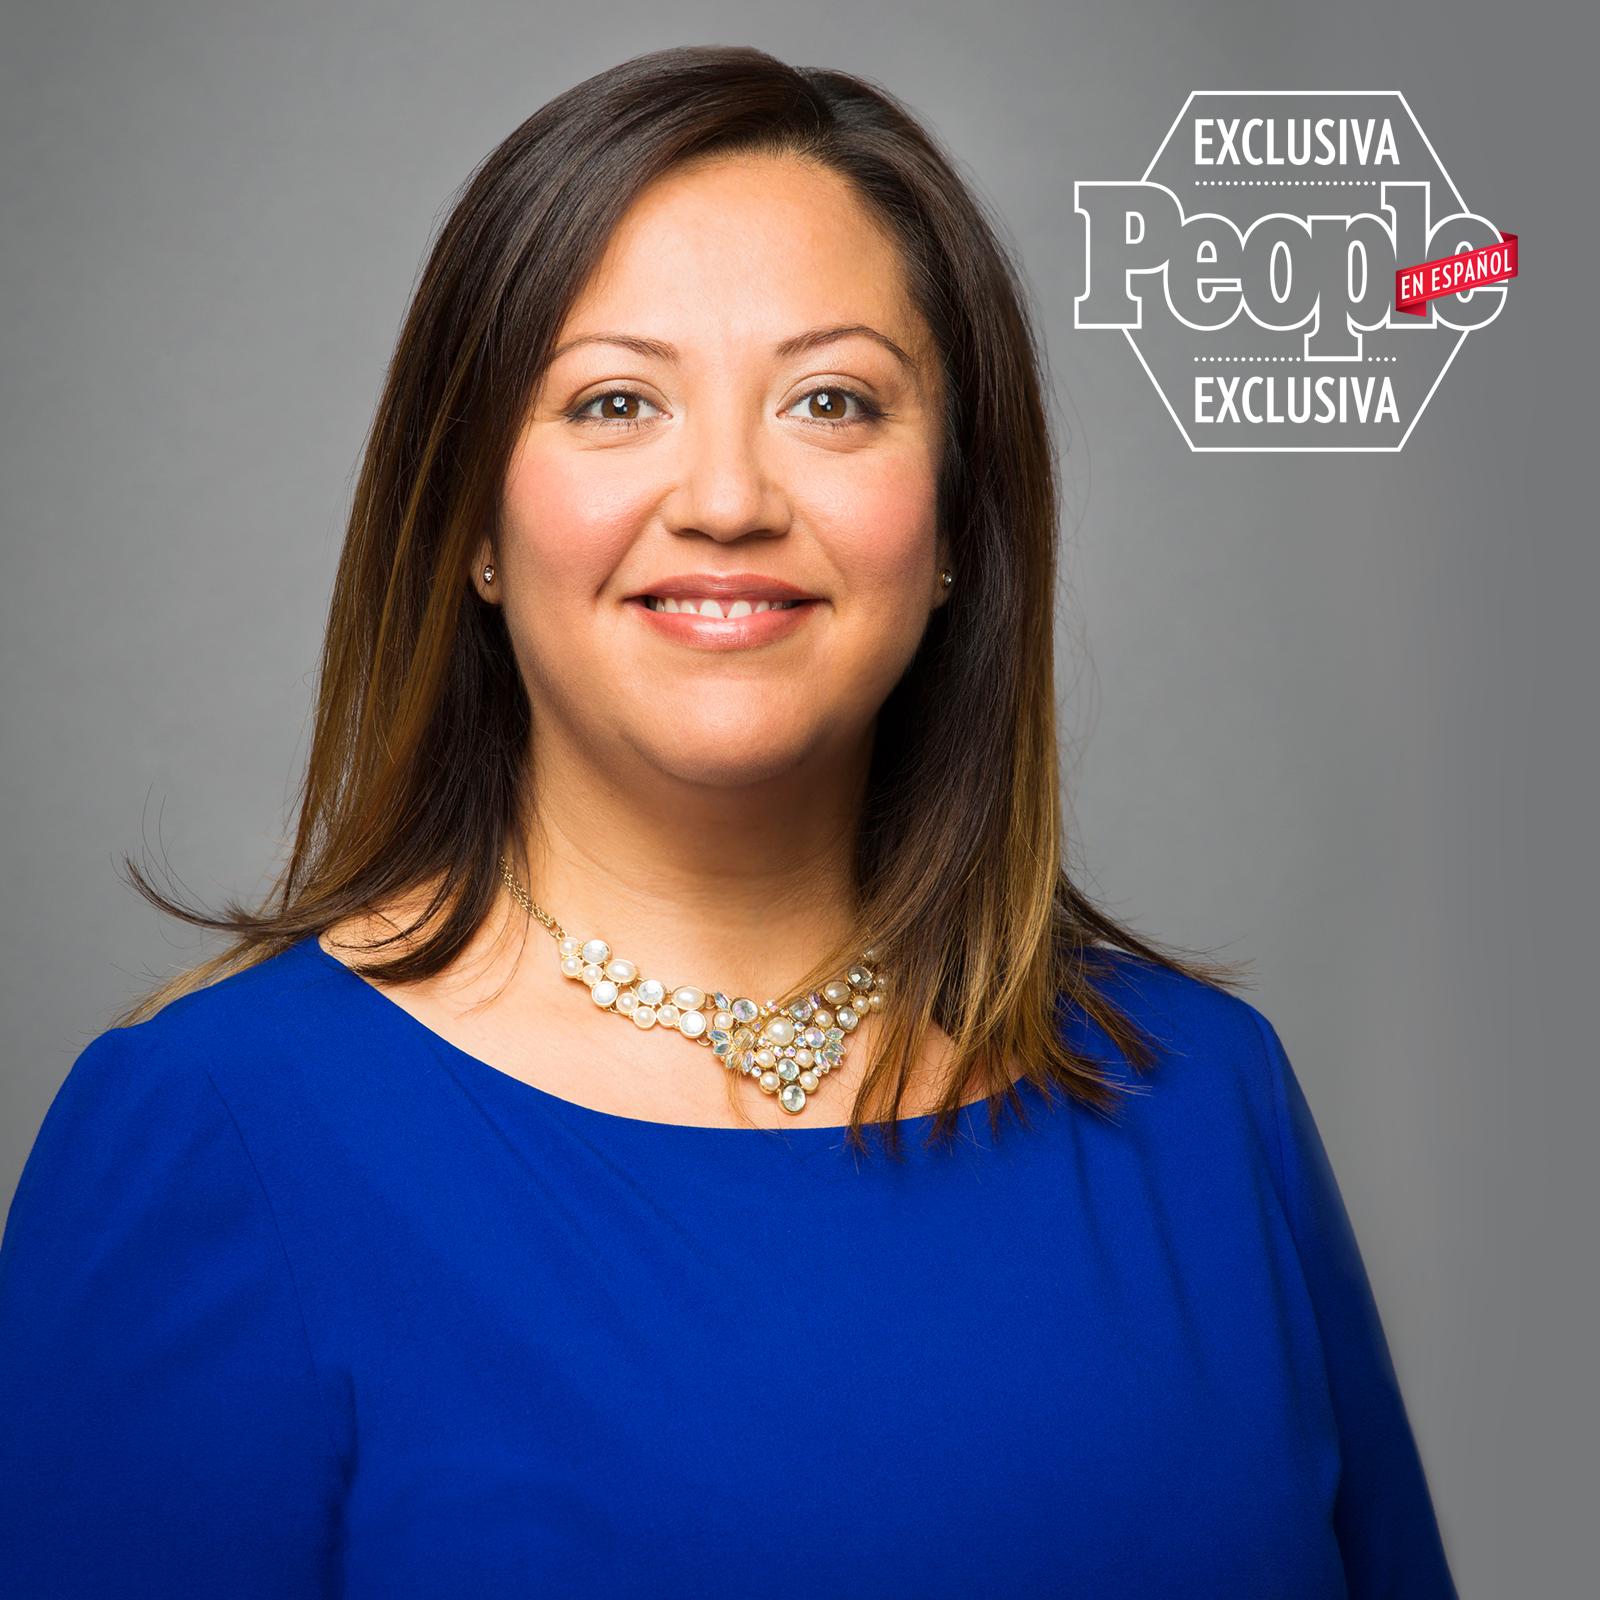 Teresa Gabriela Roldan